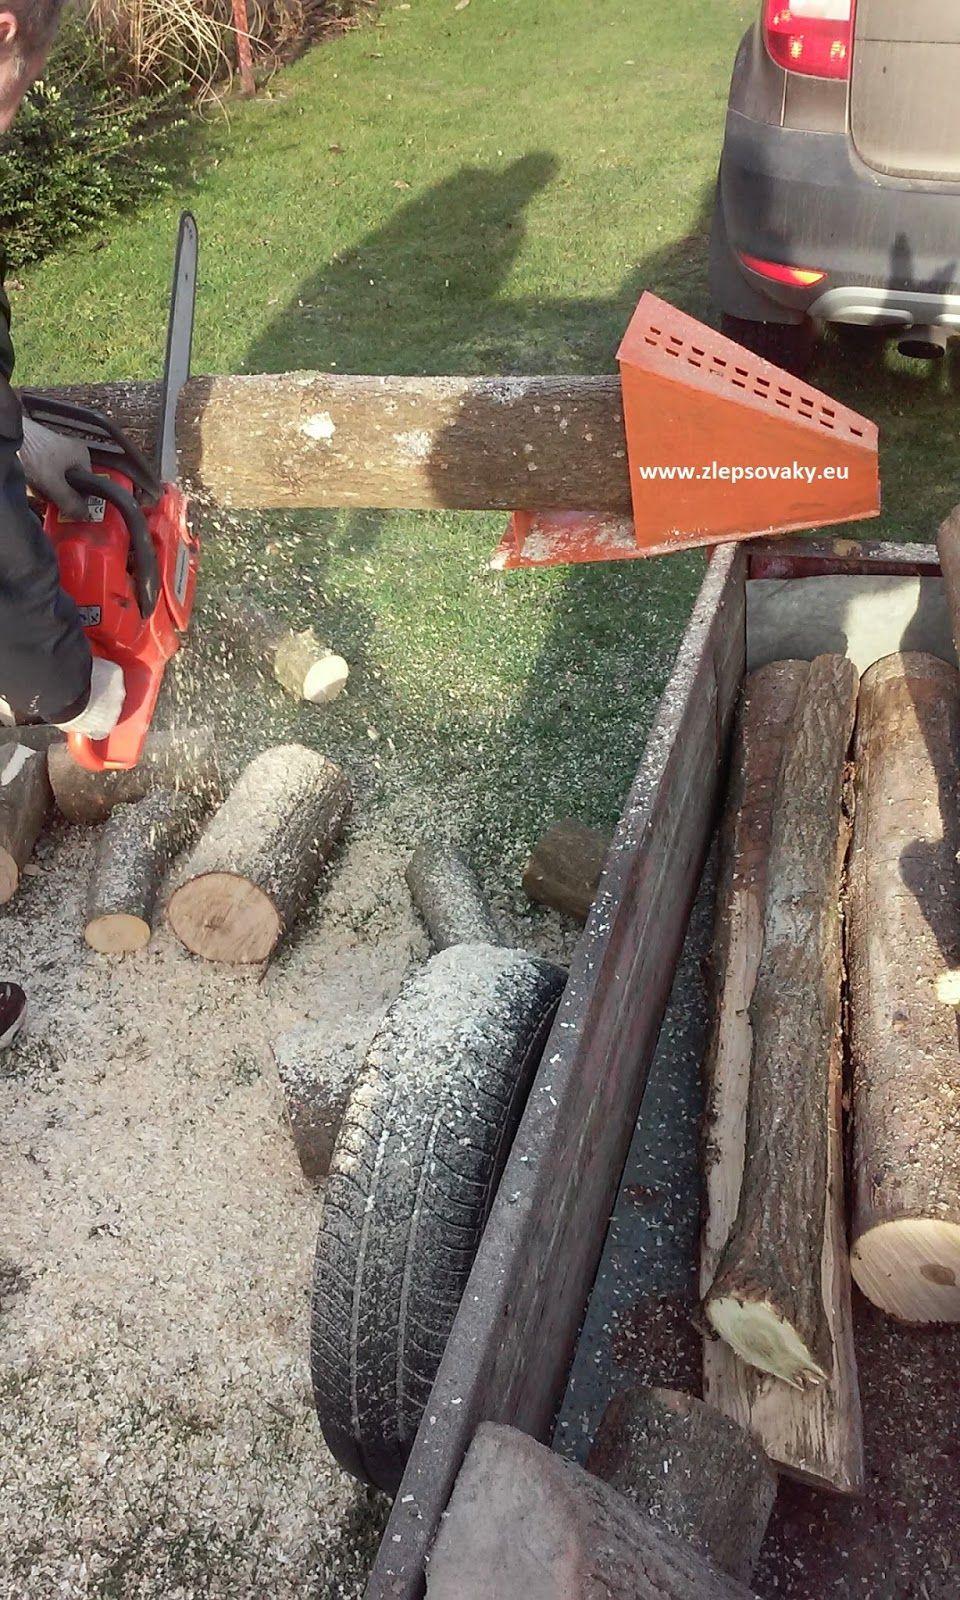 Holzständer Für Kaminholz ständer für schneiden von holz, ständer für schneiden von holz mir